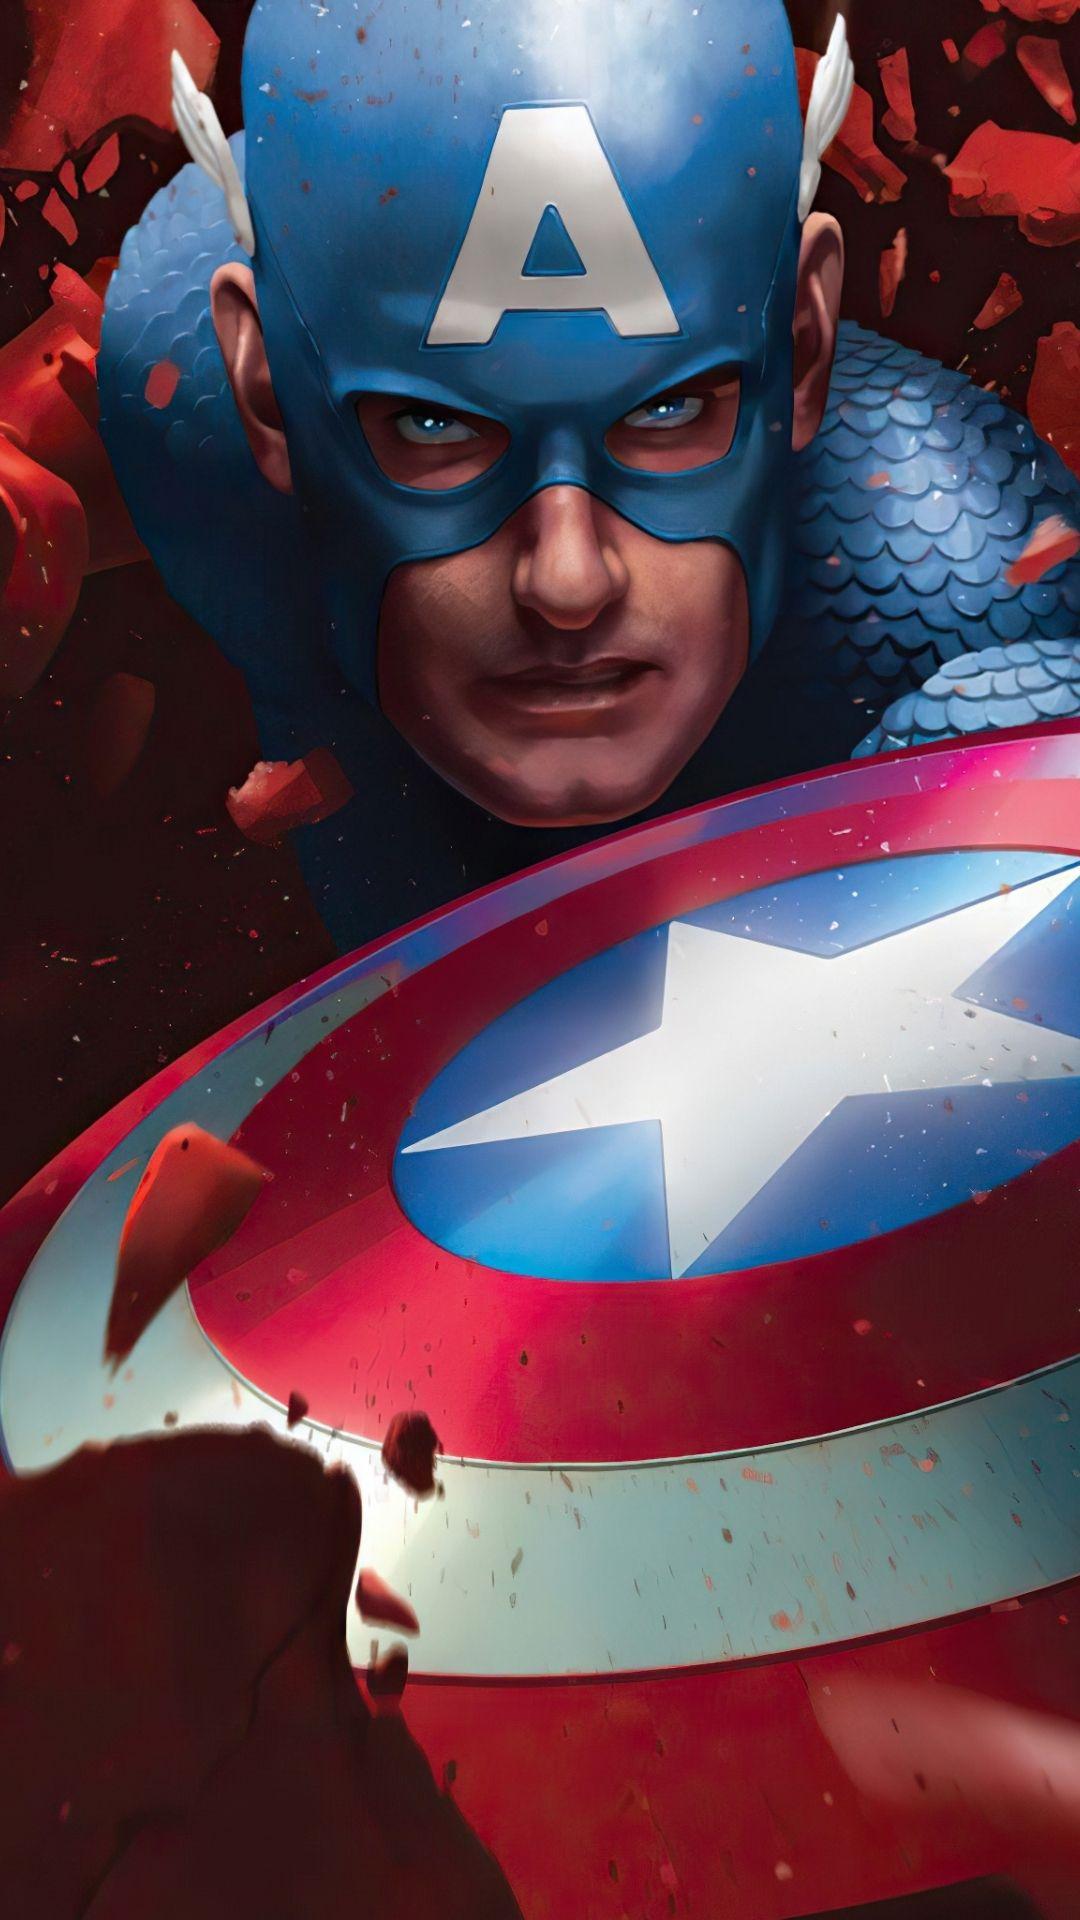 1080x1920 Avengers Captain America Wallpaper In 2021 Captain America Wallpaper Captain America Captain America Art